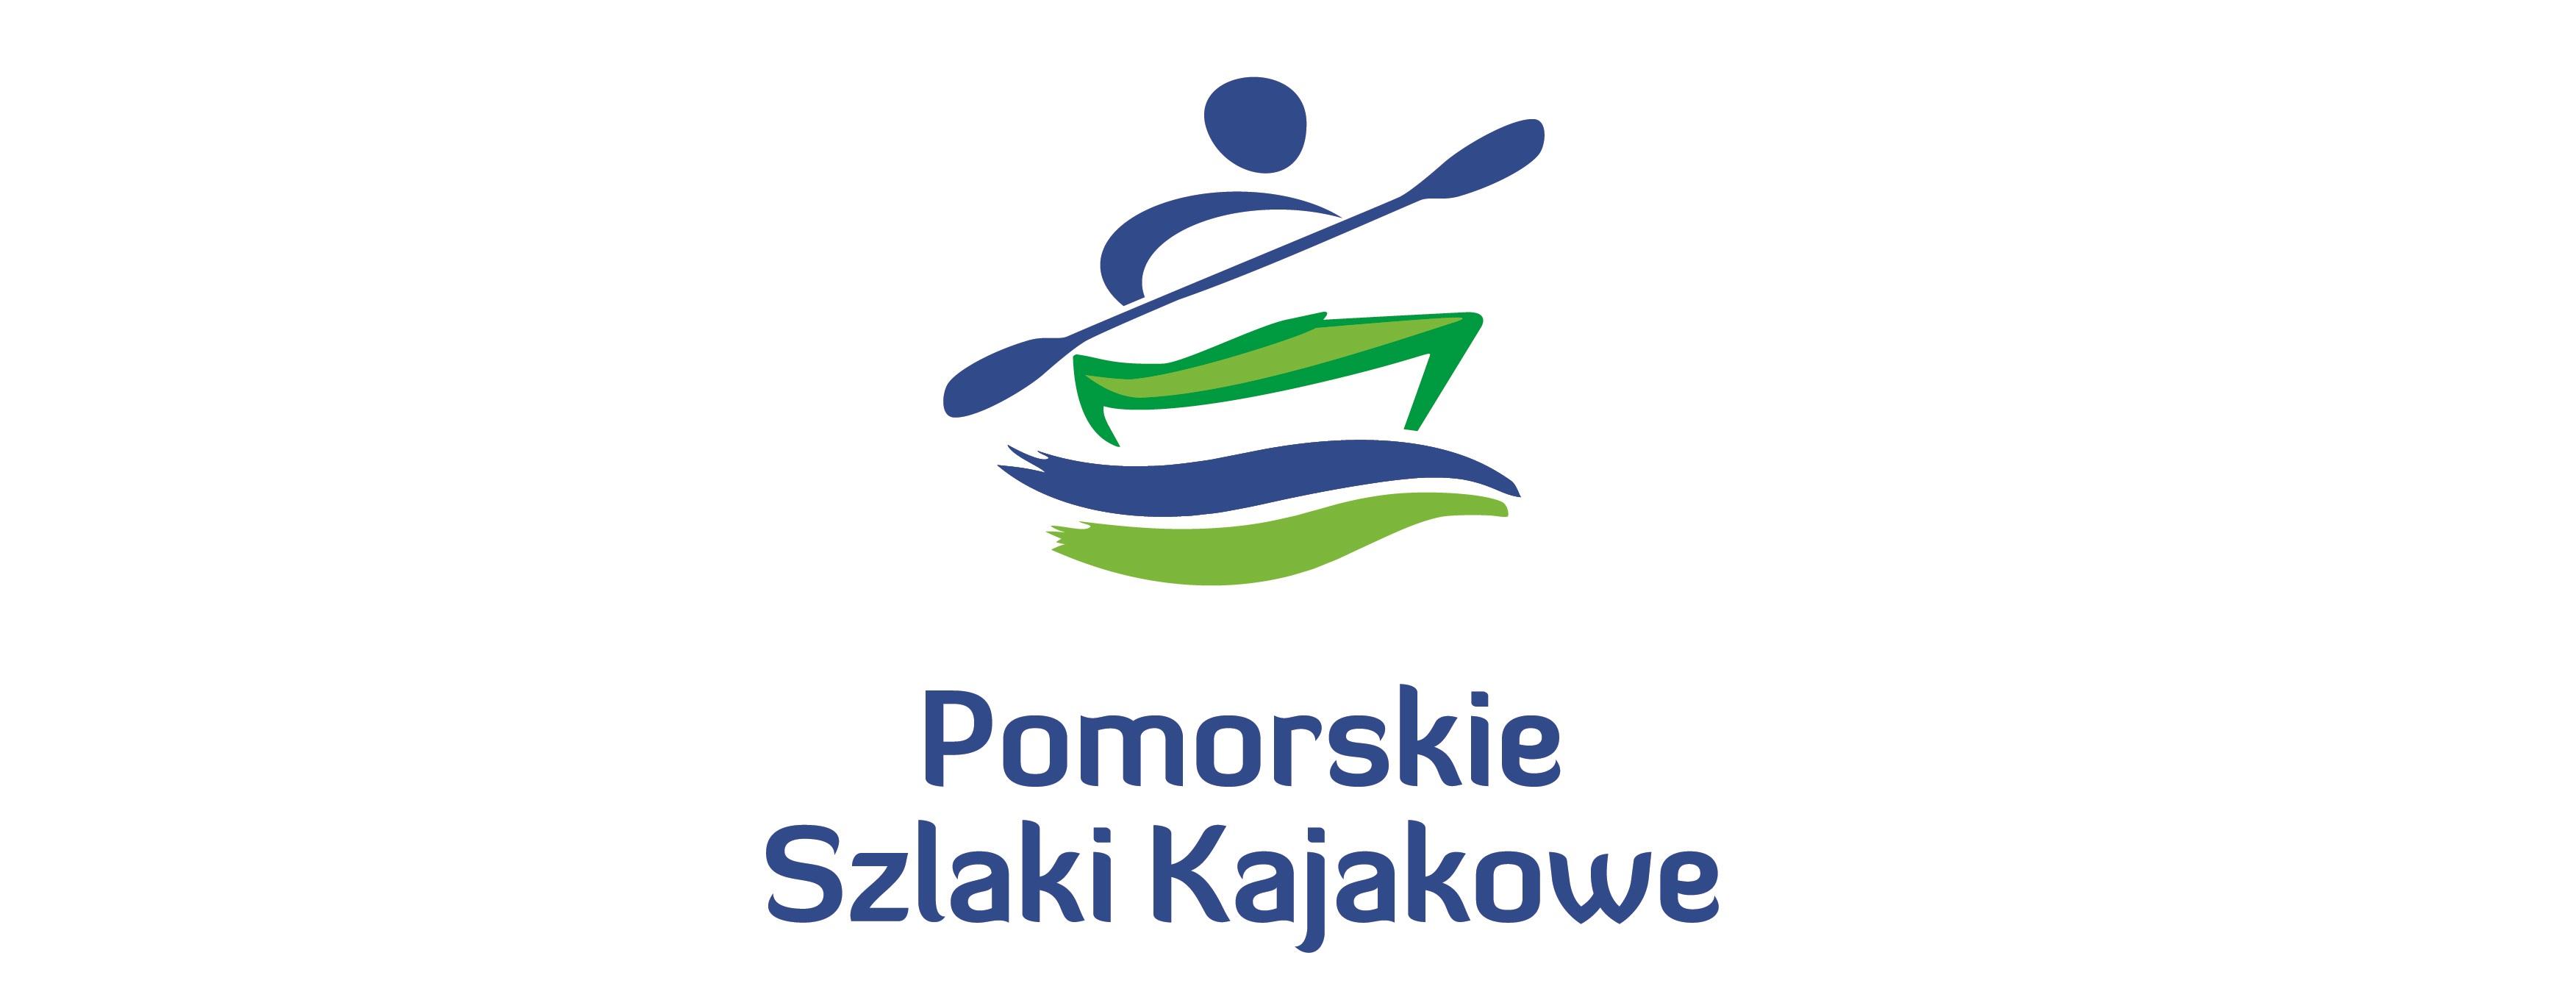 http://m.82-200.pl/2018/06/orig/psk-logo-pantone-01-3160.jpg